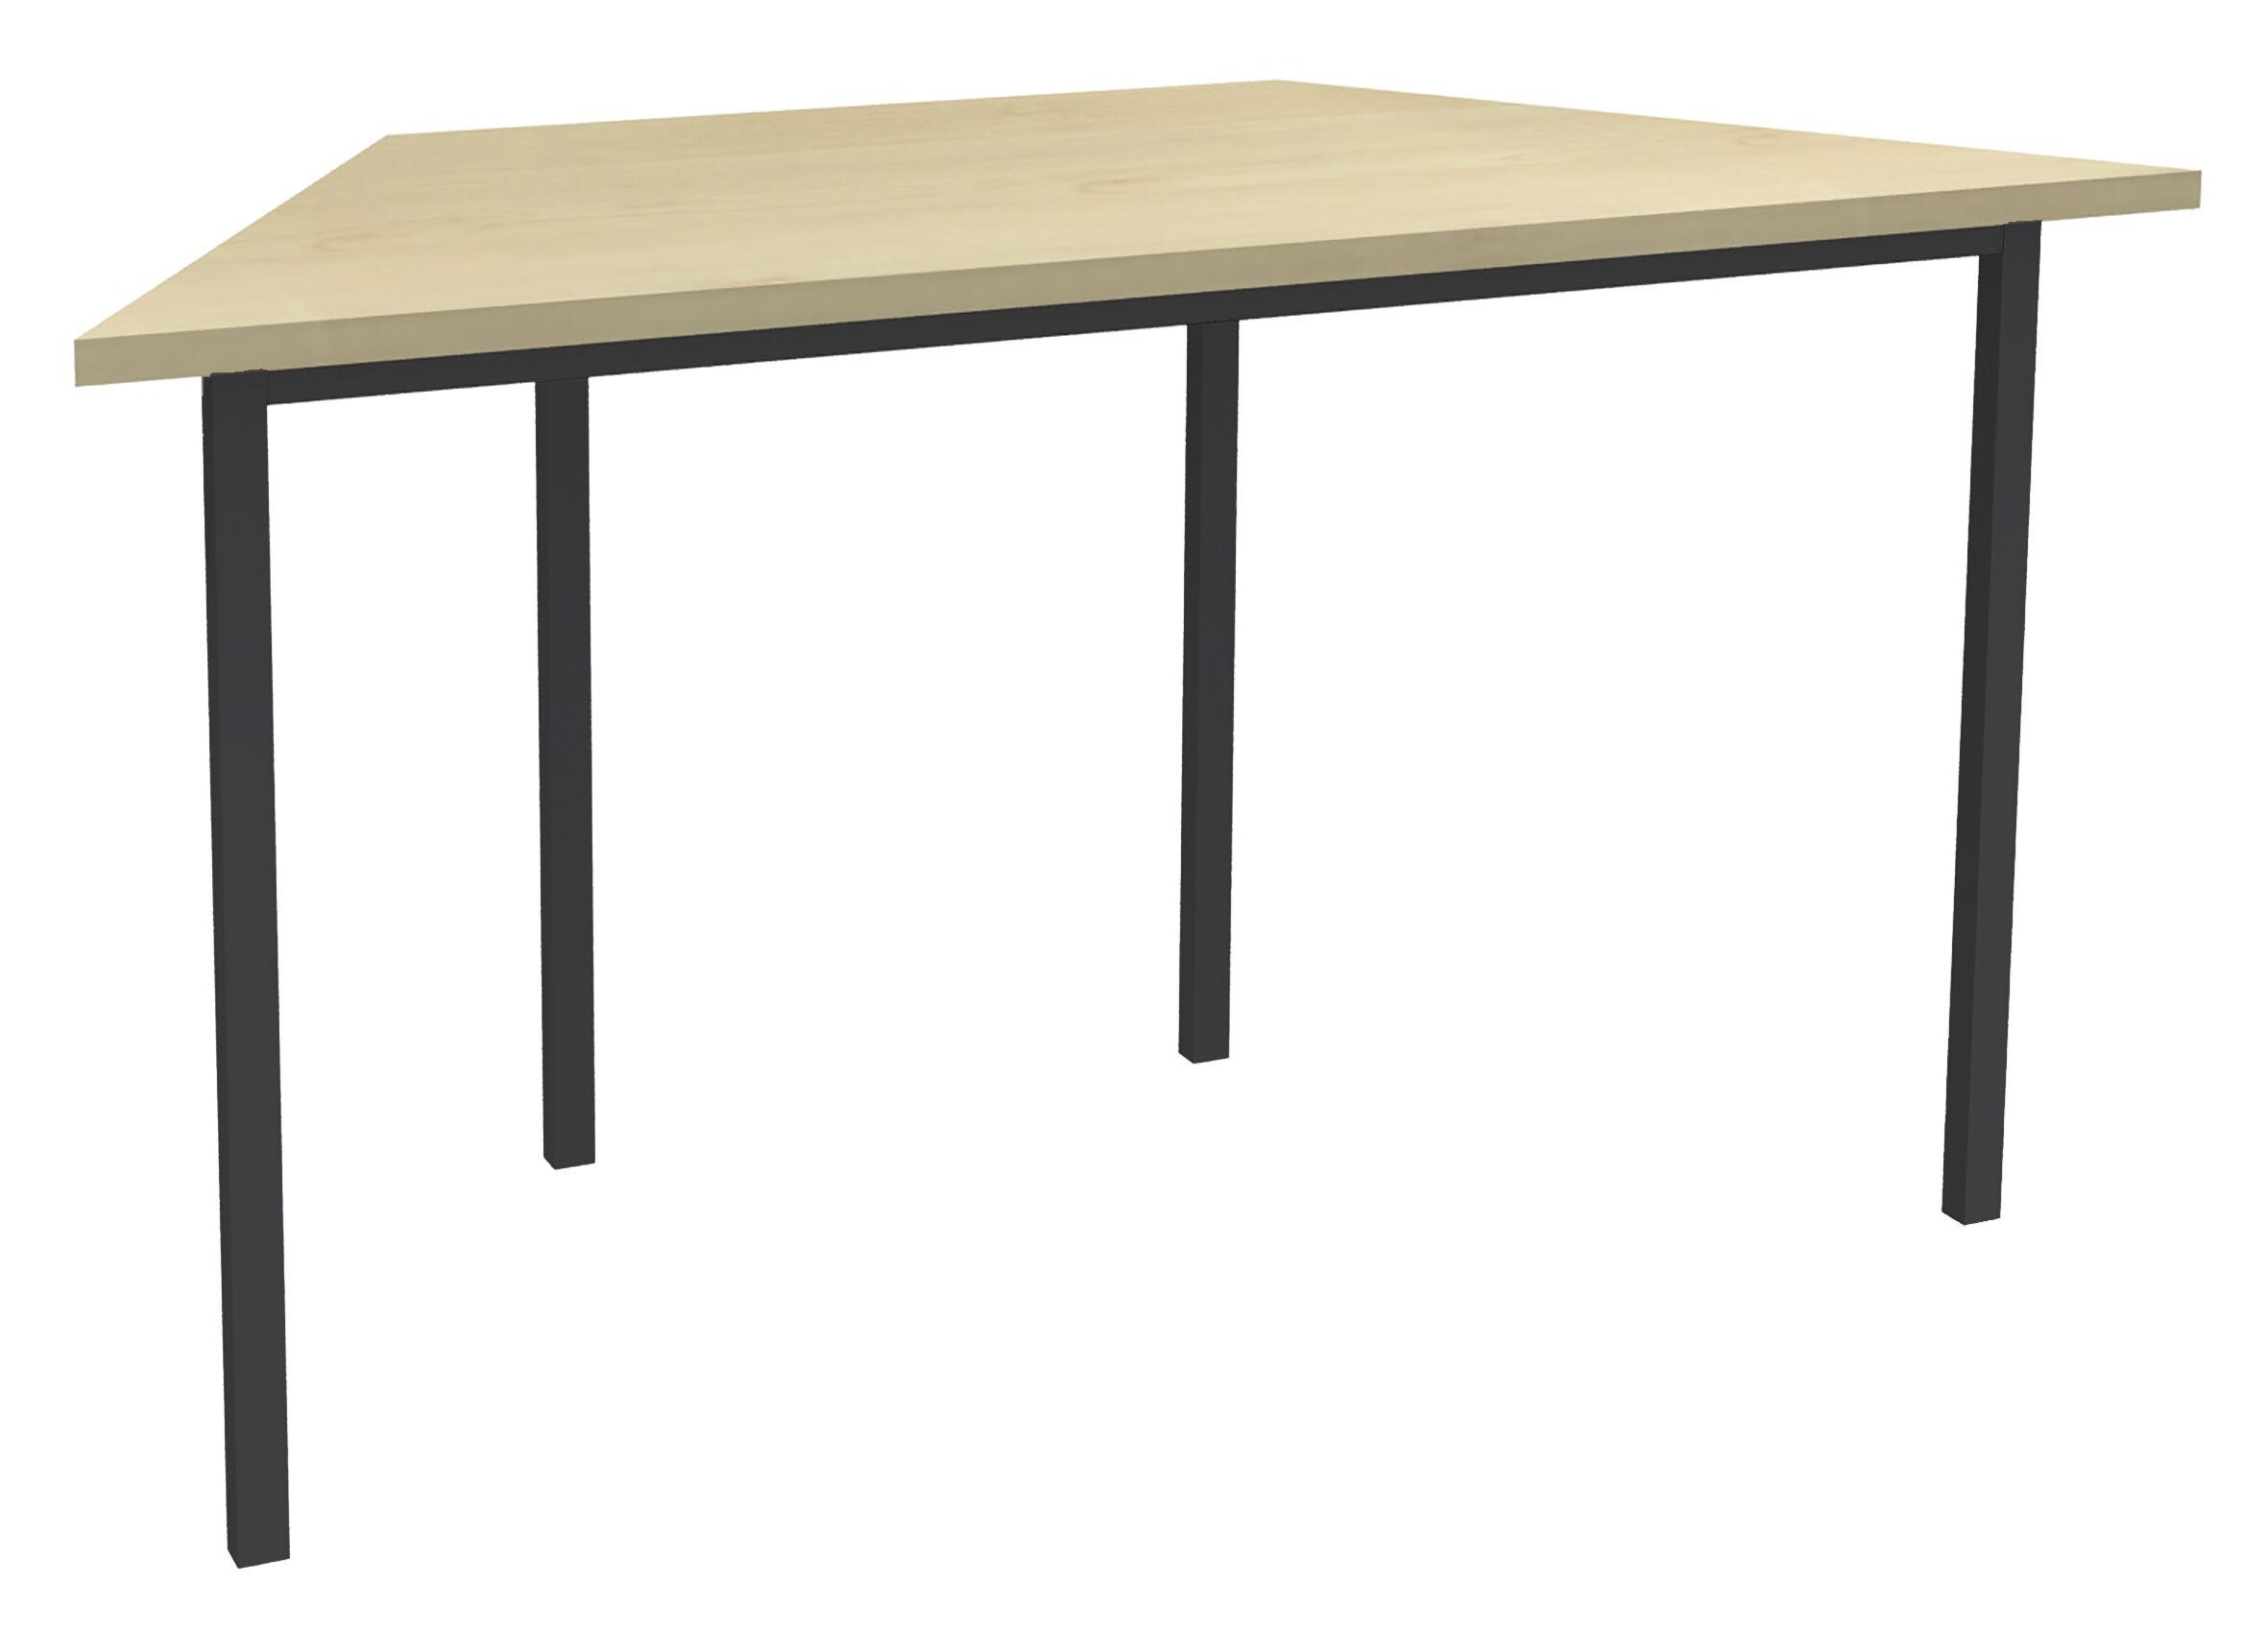 Table de réunion Trapèze - 120 x 60 cm - Pieds anthracite - imitation Erable